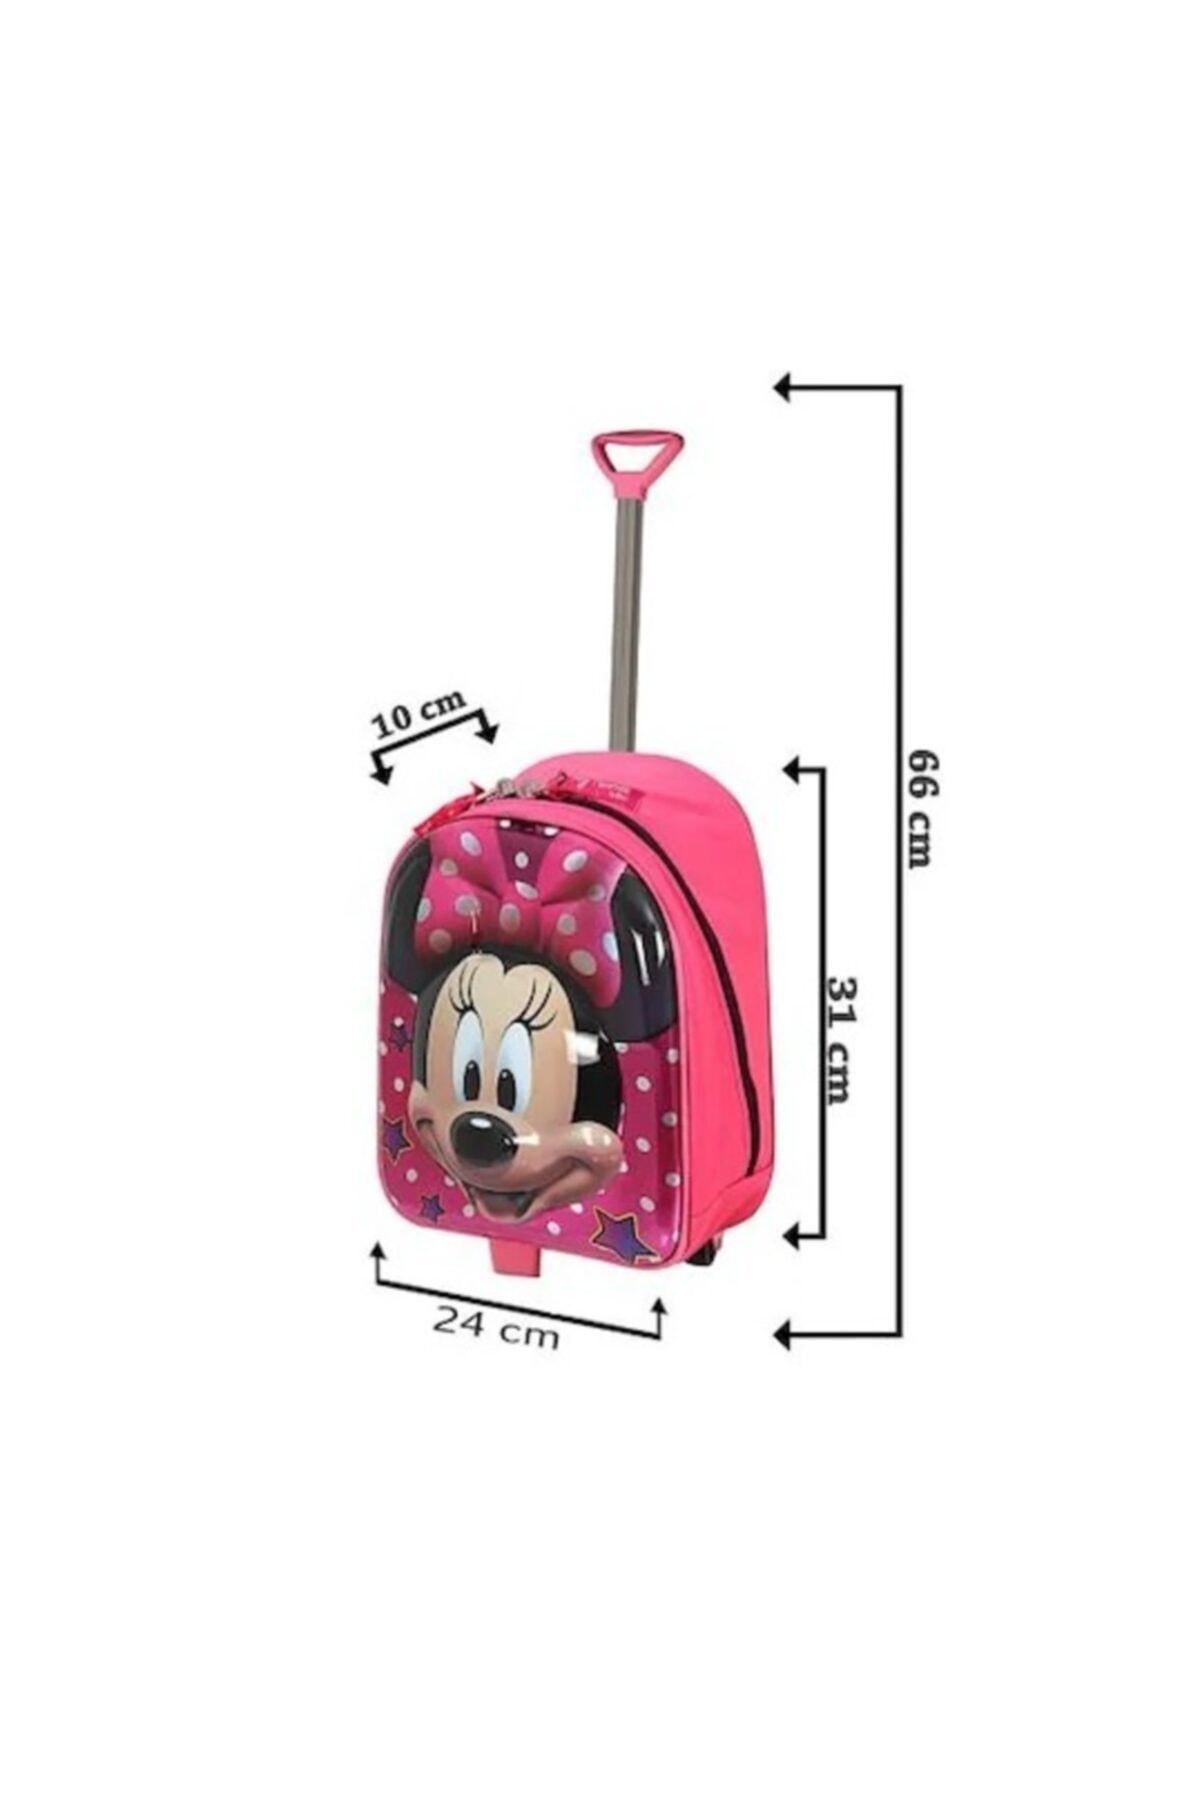 Ewason Minnie Mouse Kreş Anaokulu Ve Günlük Kullanım Çantası Çekçekli Tekerlekli 2in1 Anaokulu Çantası 2